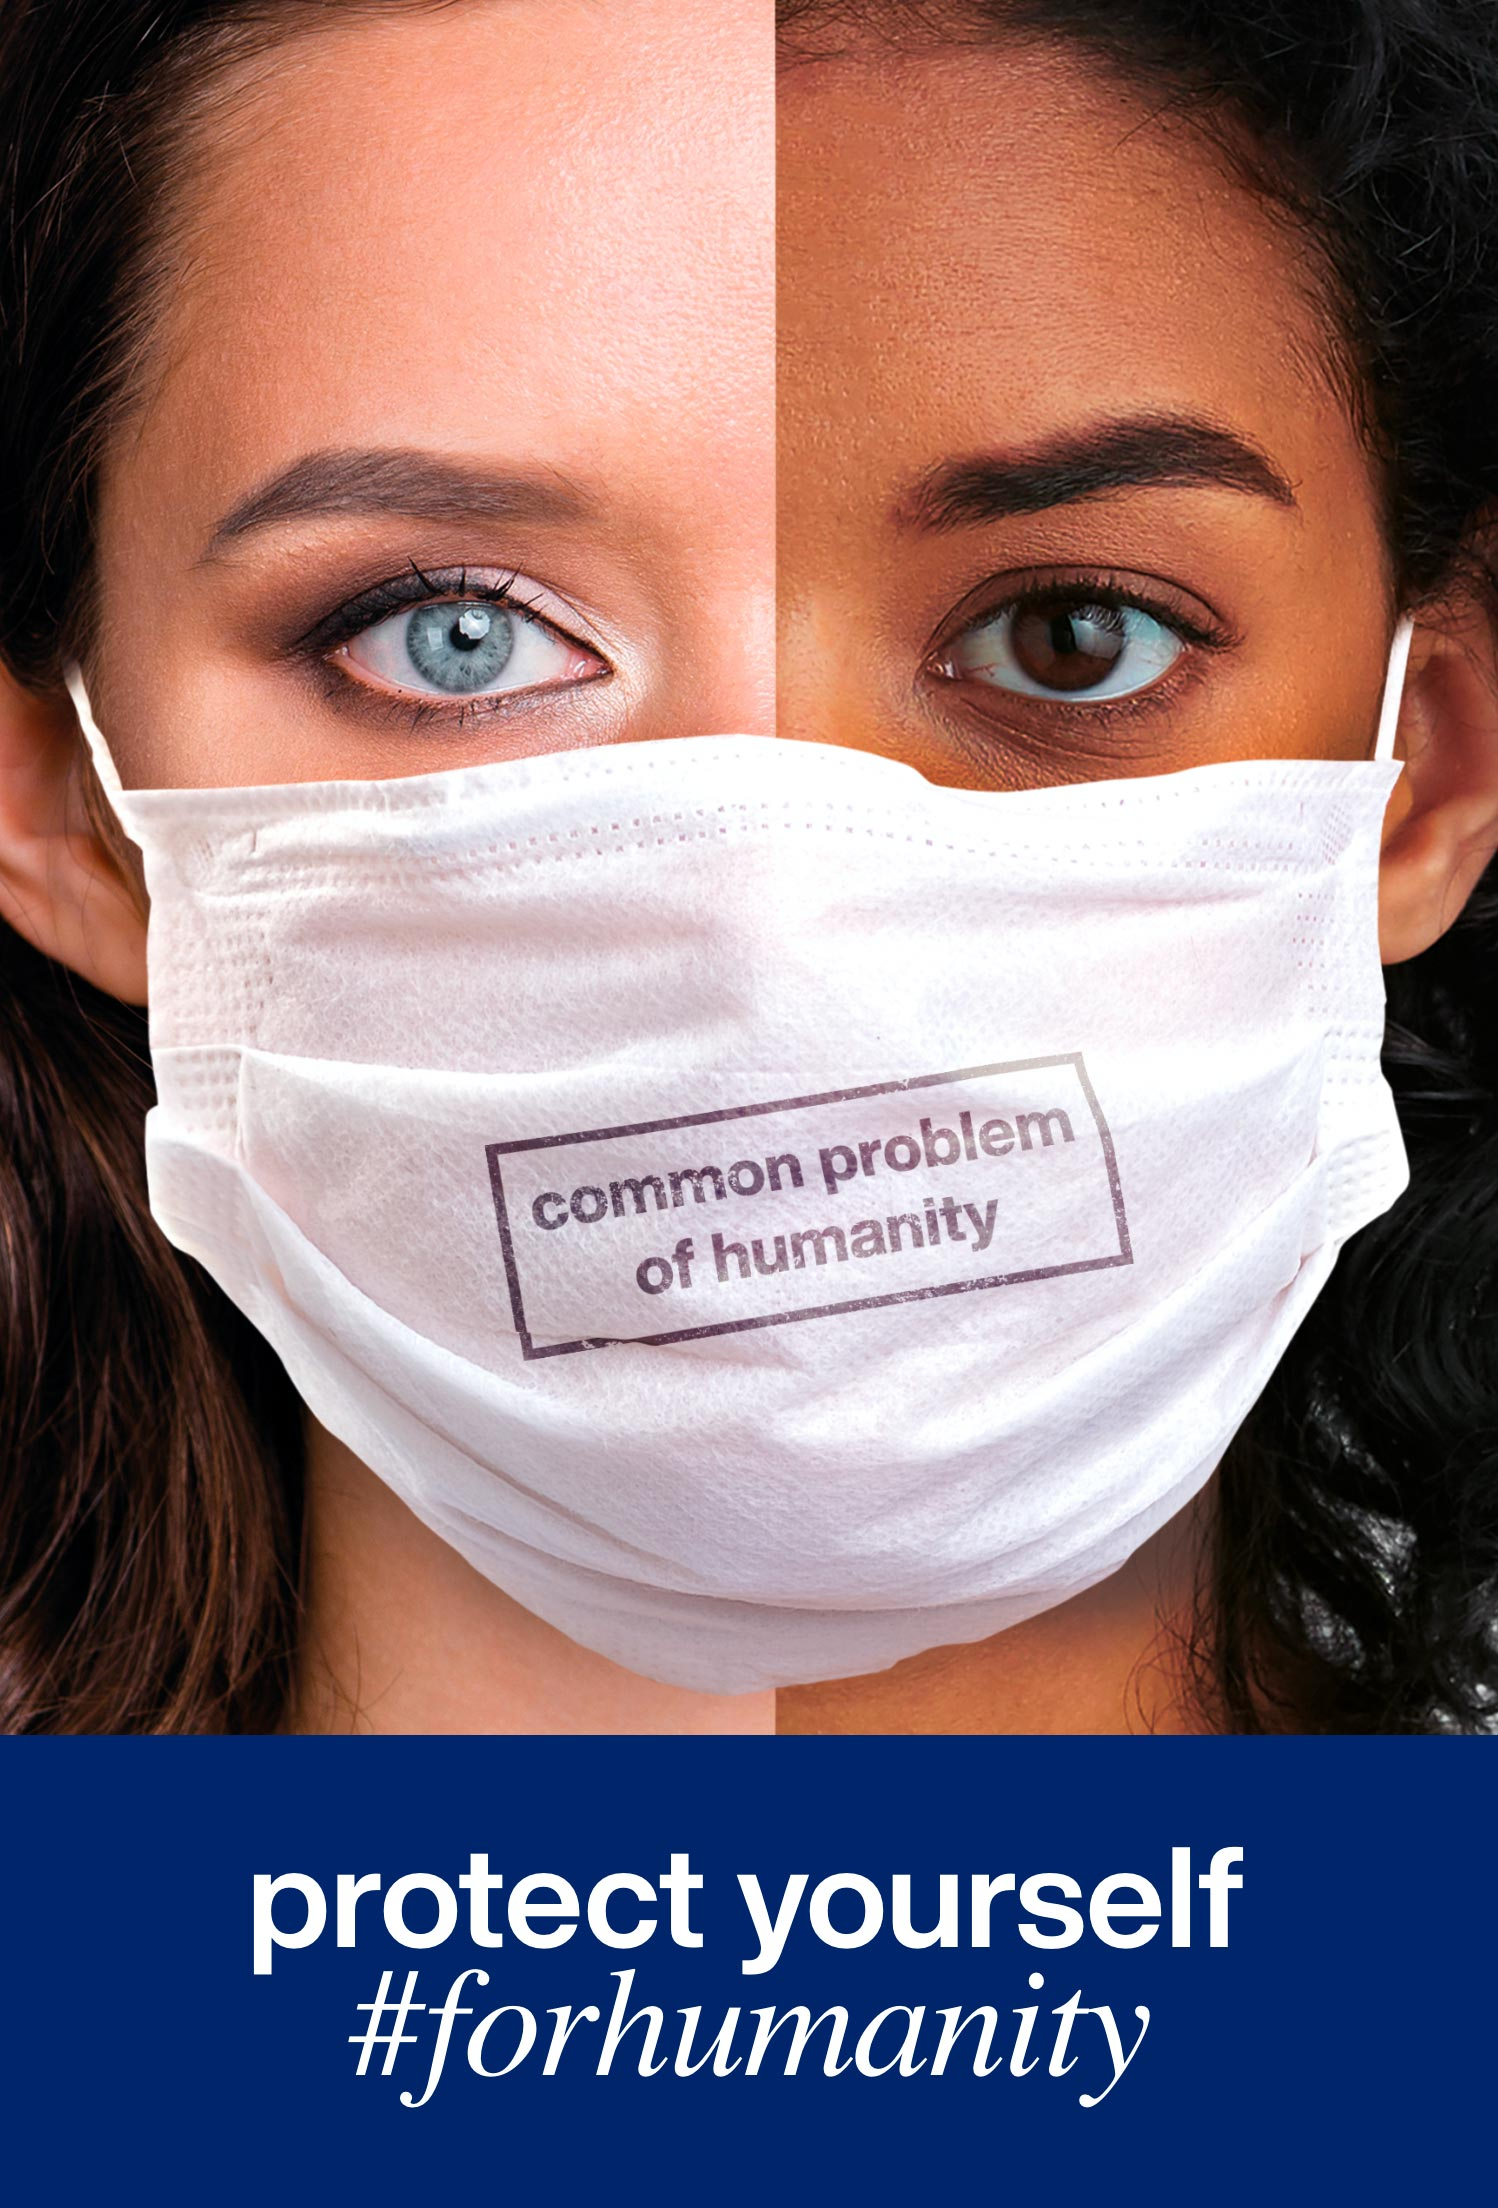 #forhumanity